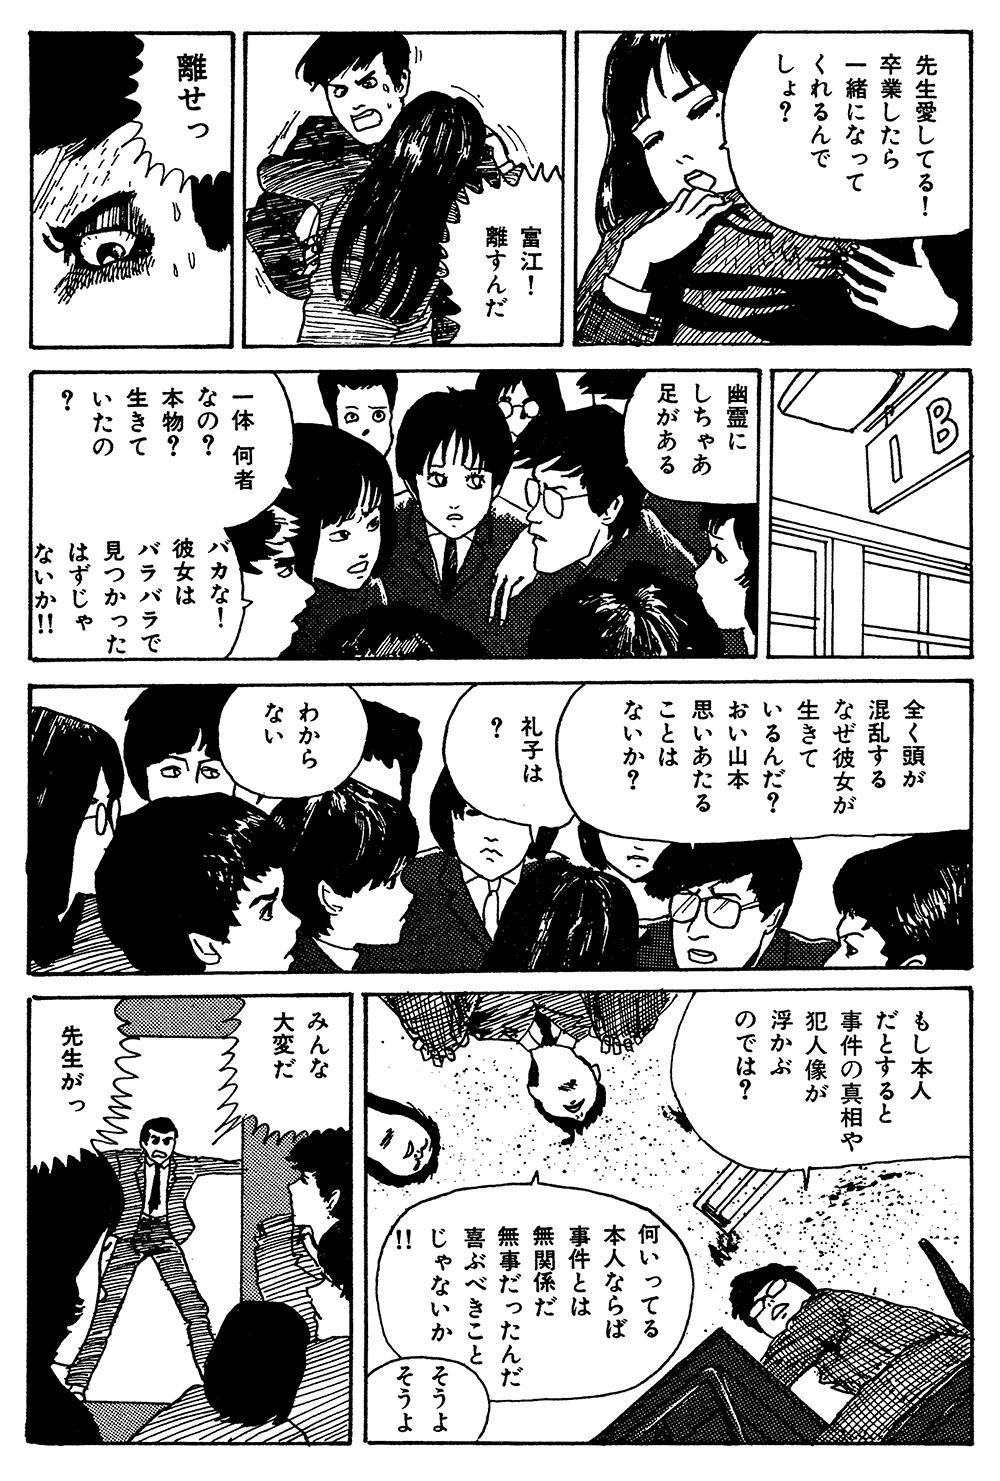 伊藤潤二傑作集 第1話「富江」①tomie1-1-8.jpg